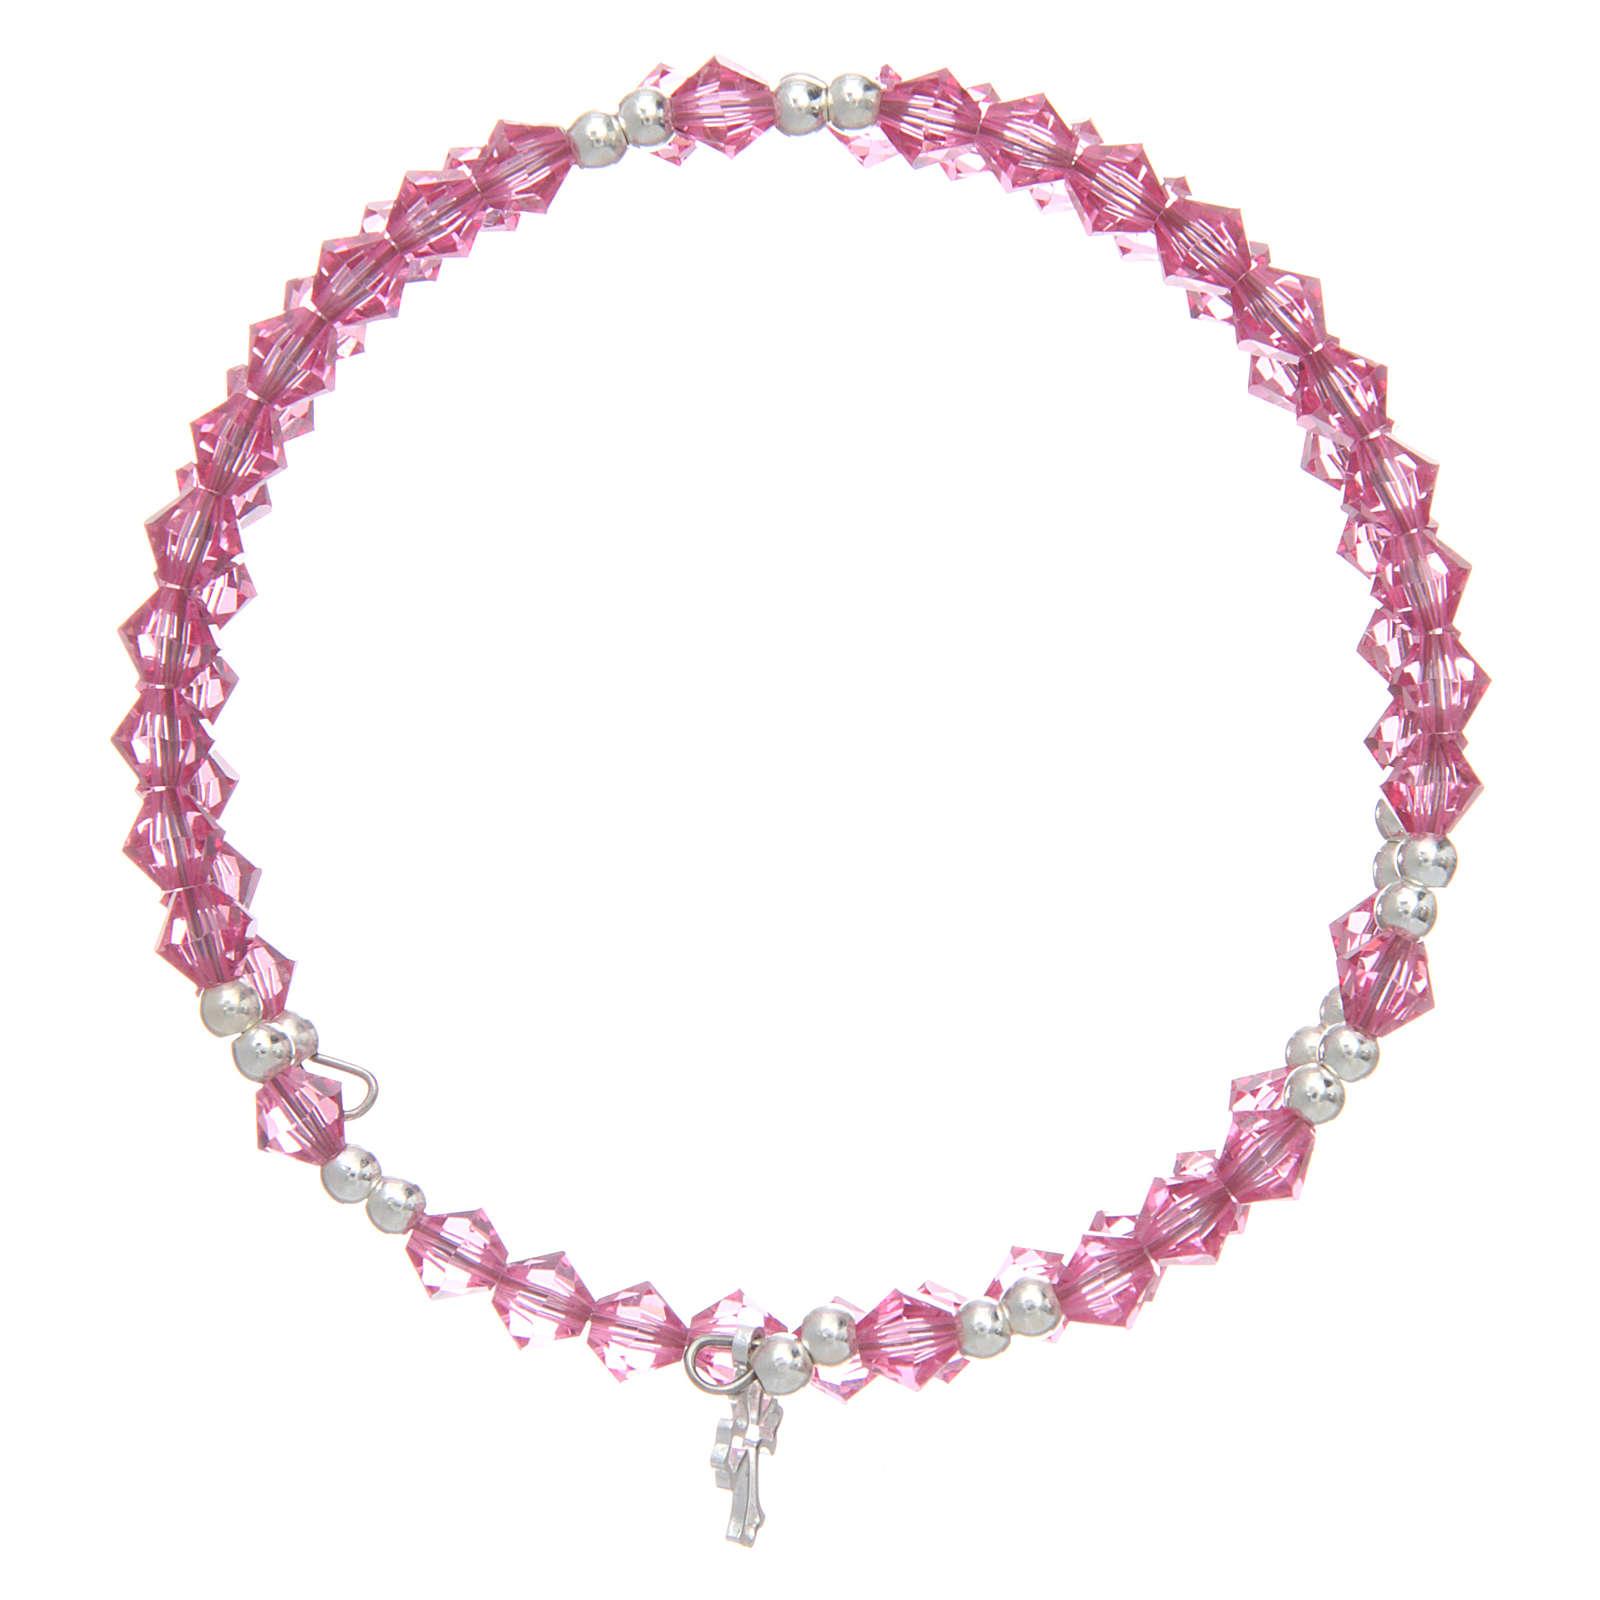 Spiral bracelet with pink Swarovski crystals 4